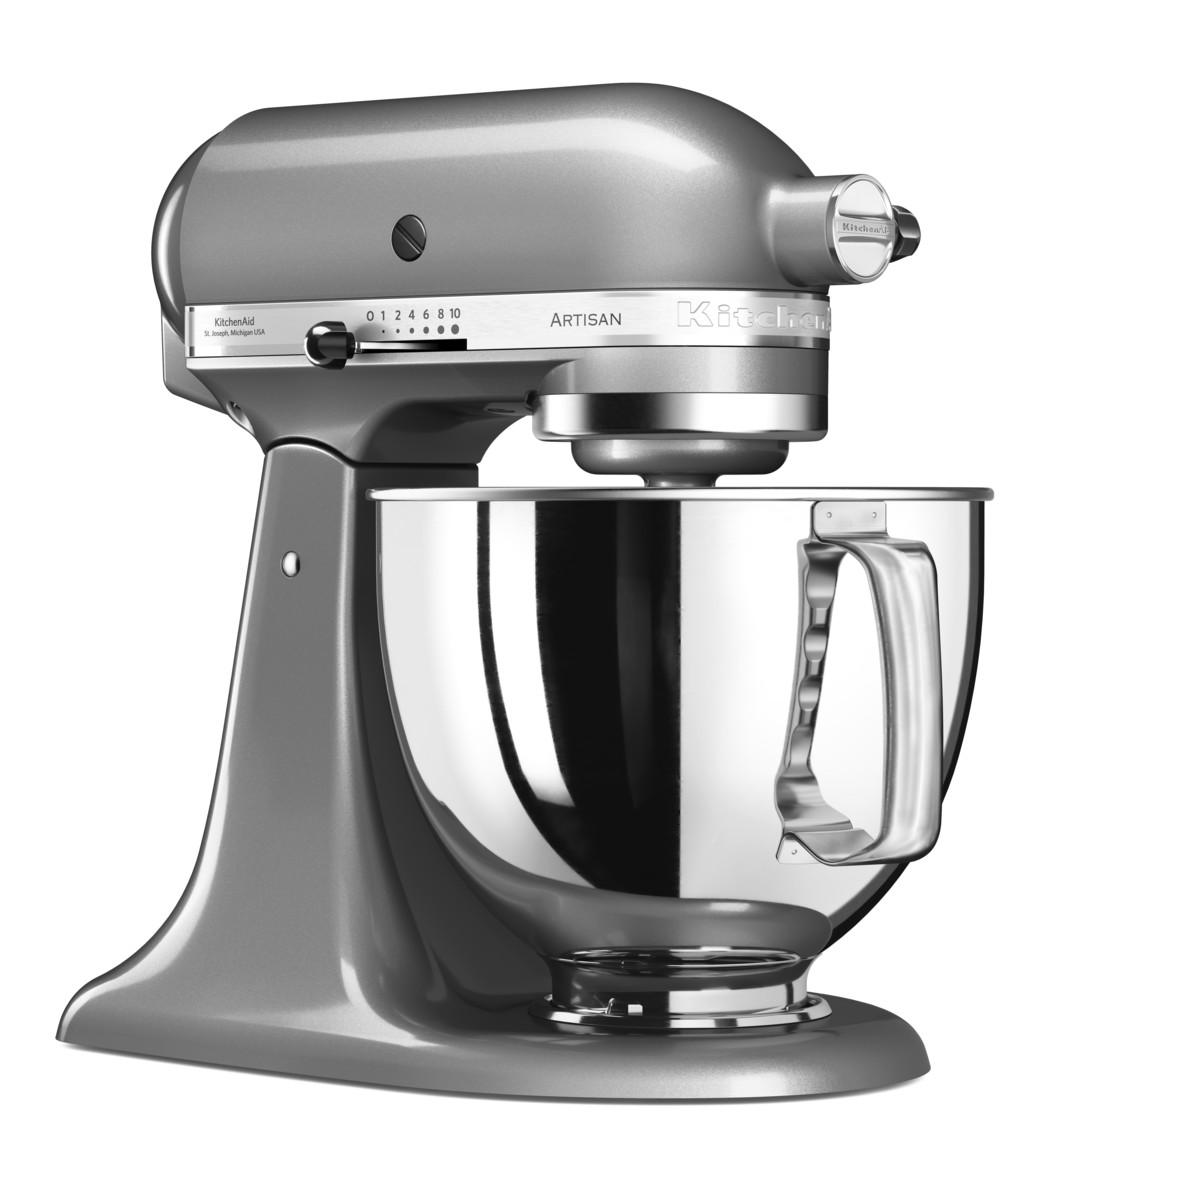 KitchenAid Küchenmaschine Artisan Contur-Silber